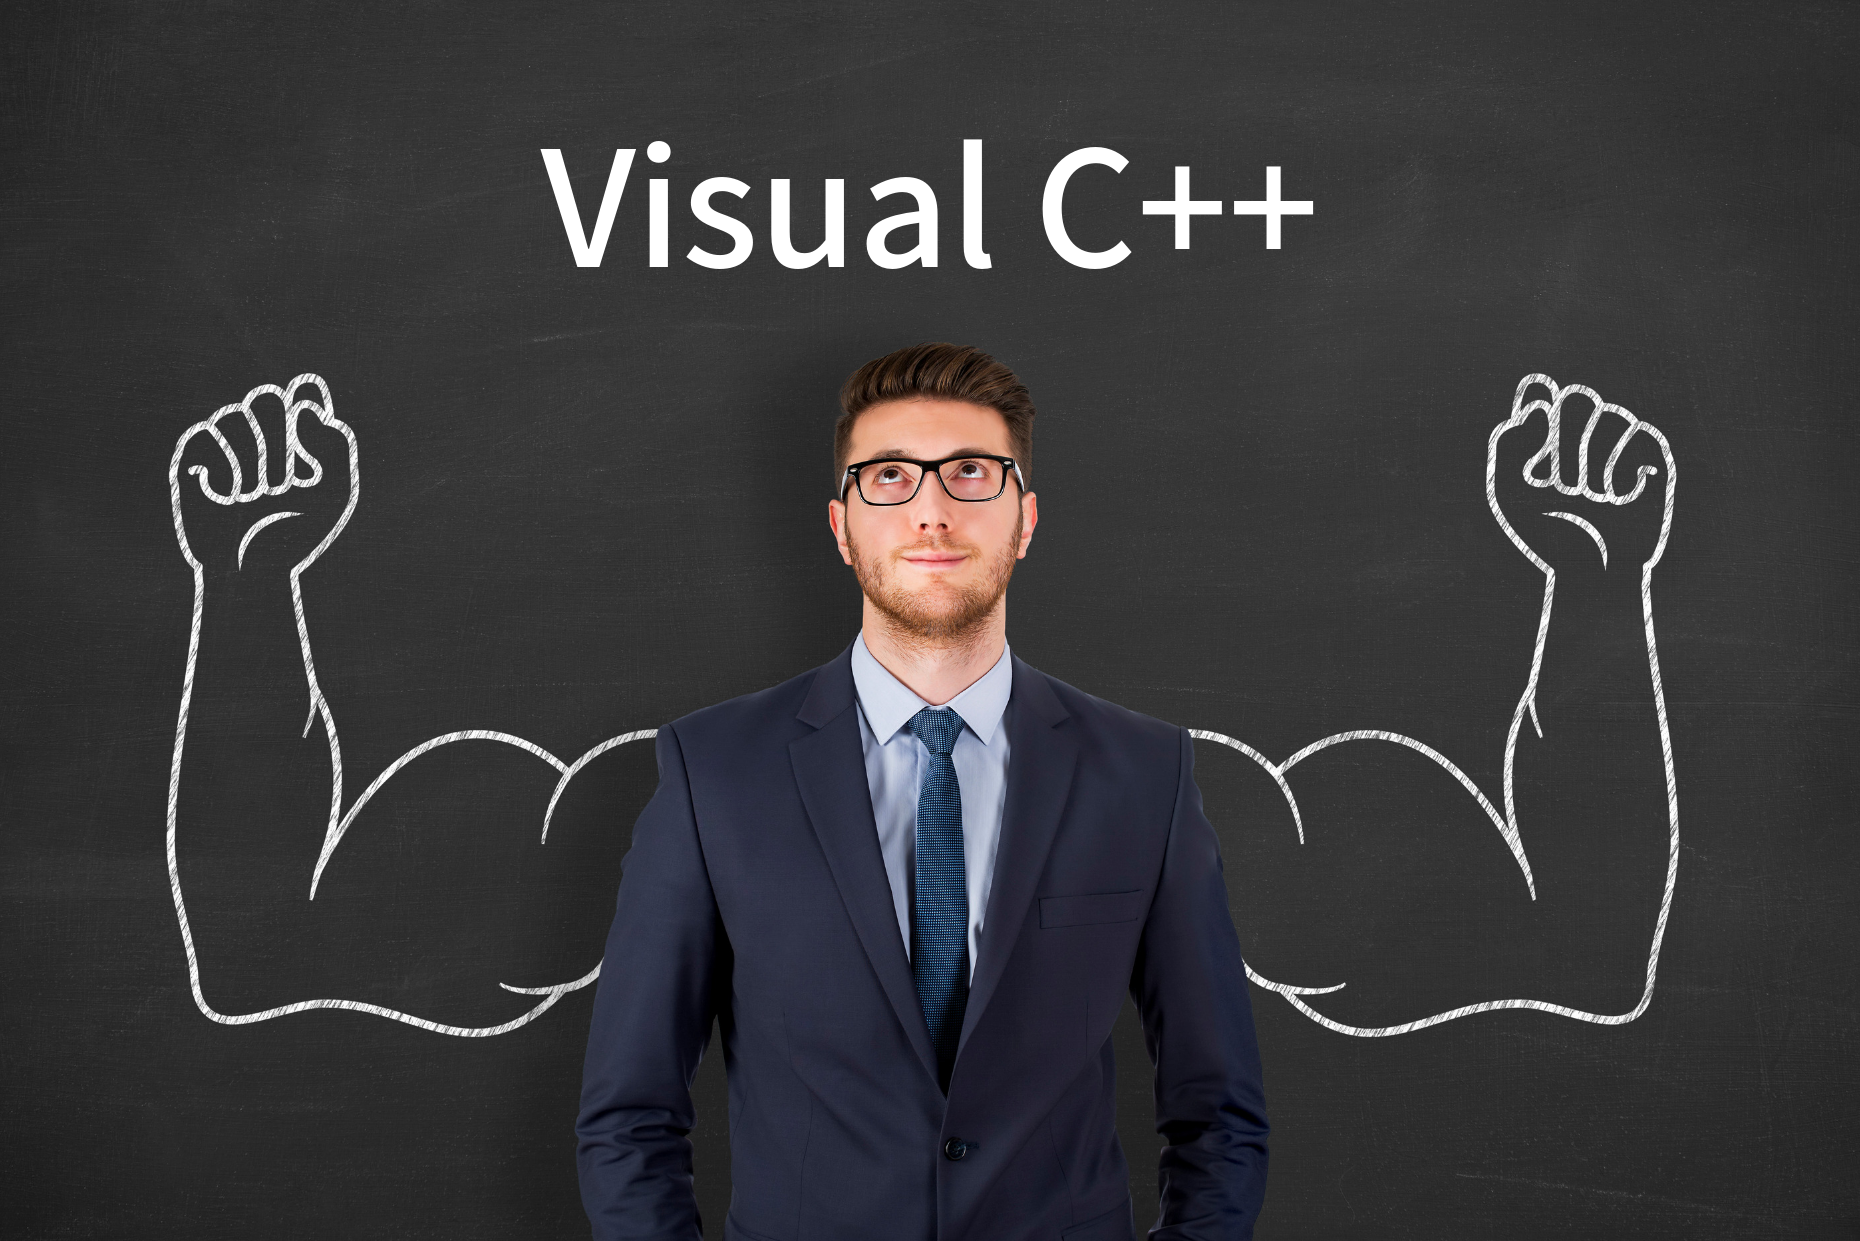 スキル診断テスト Visual C++